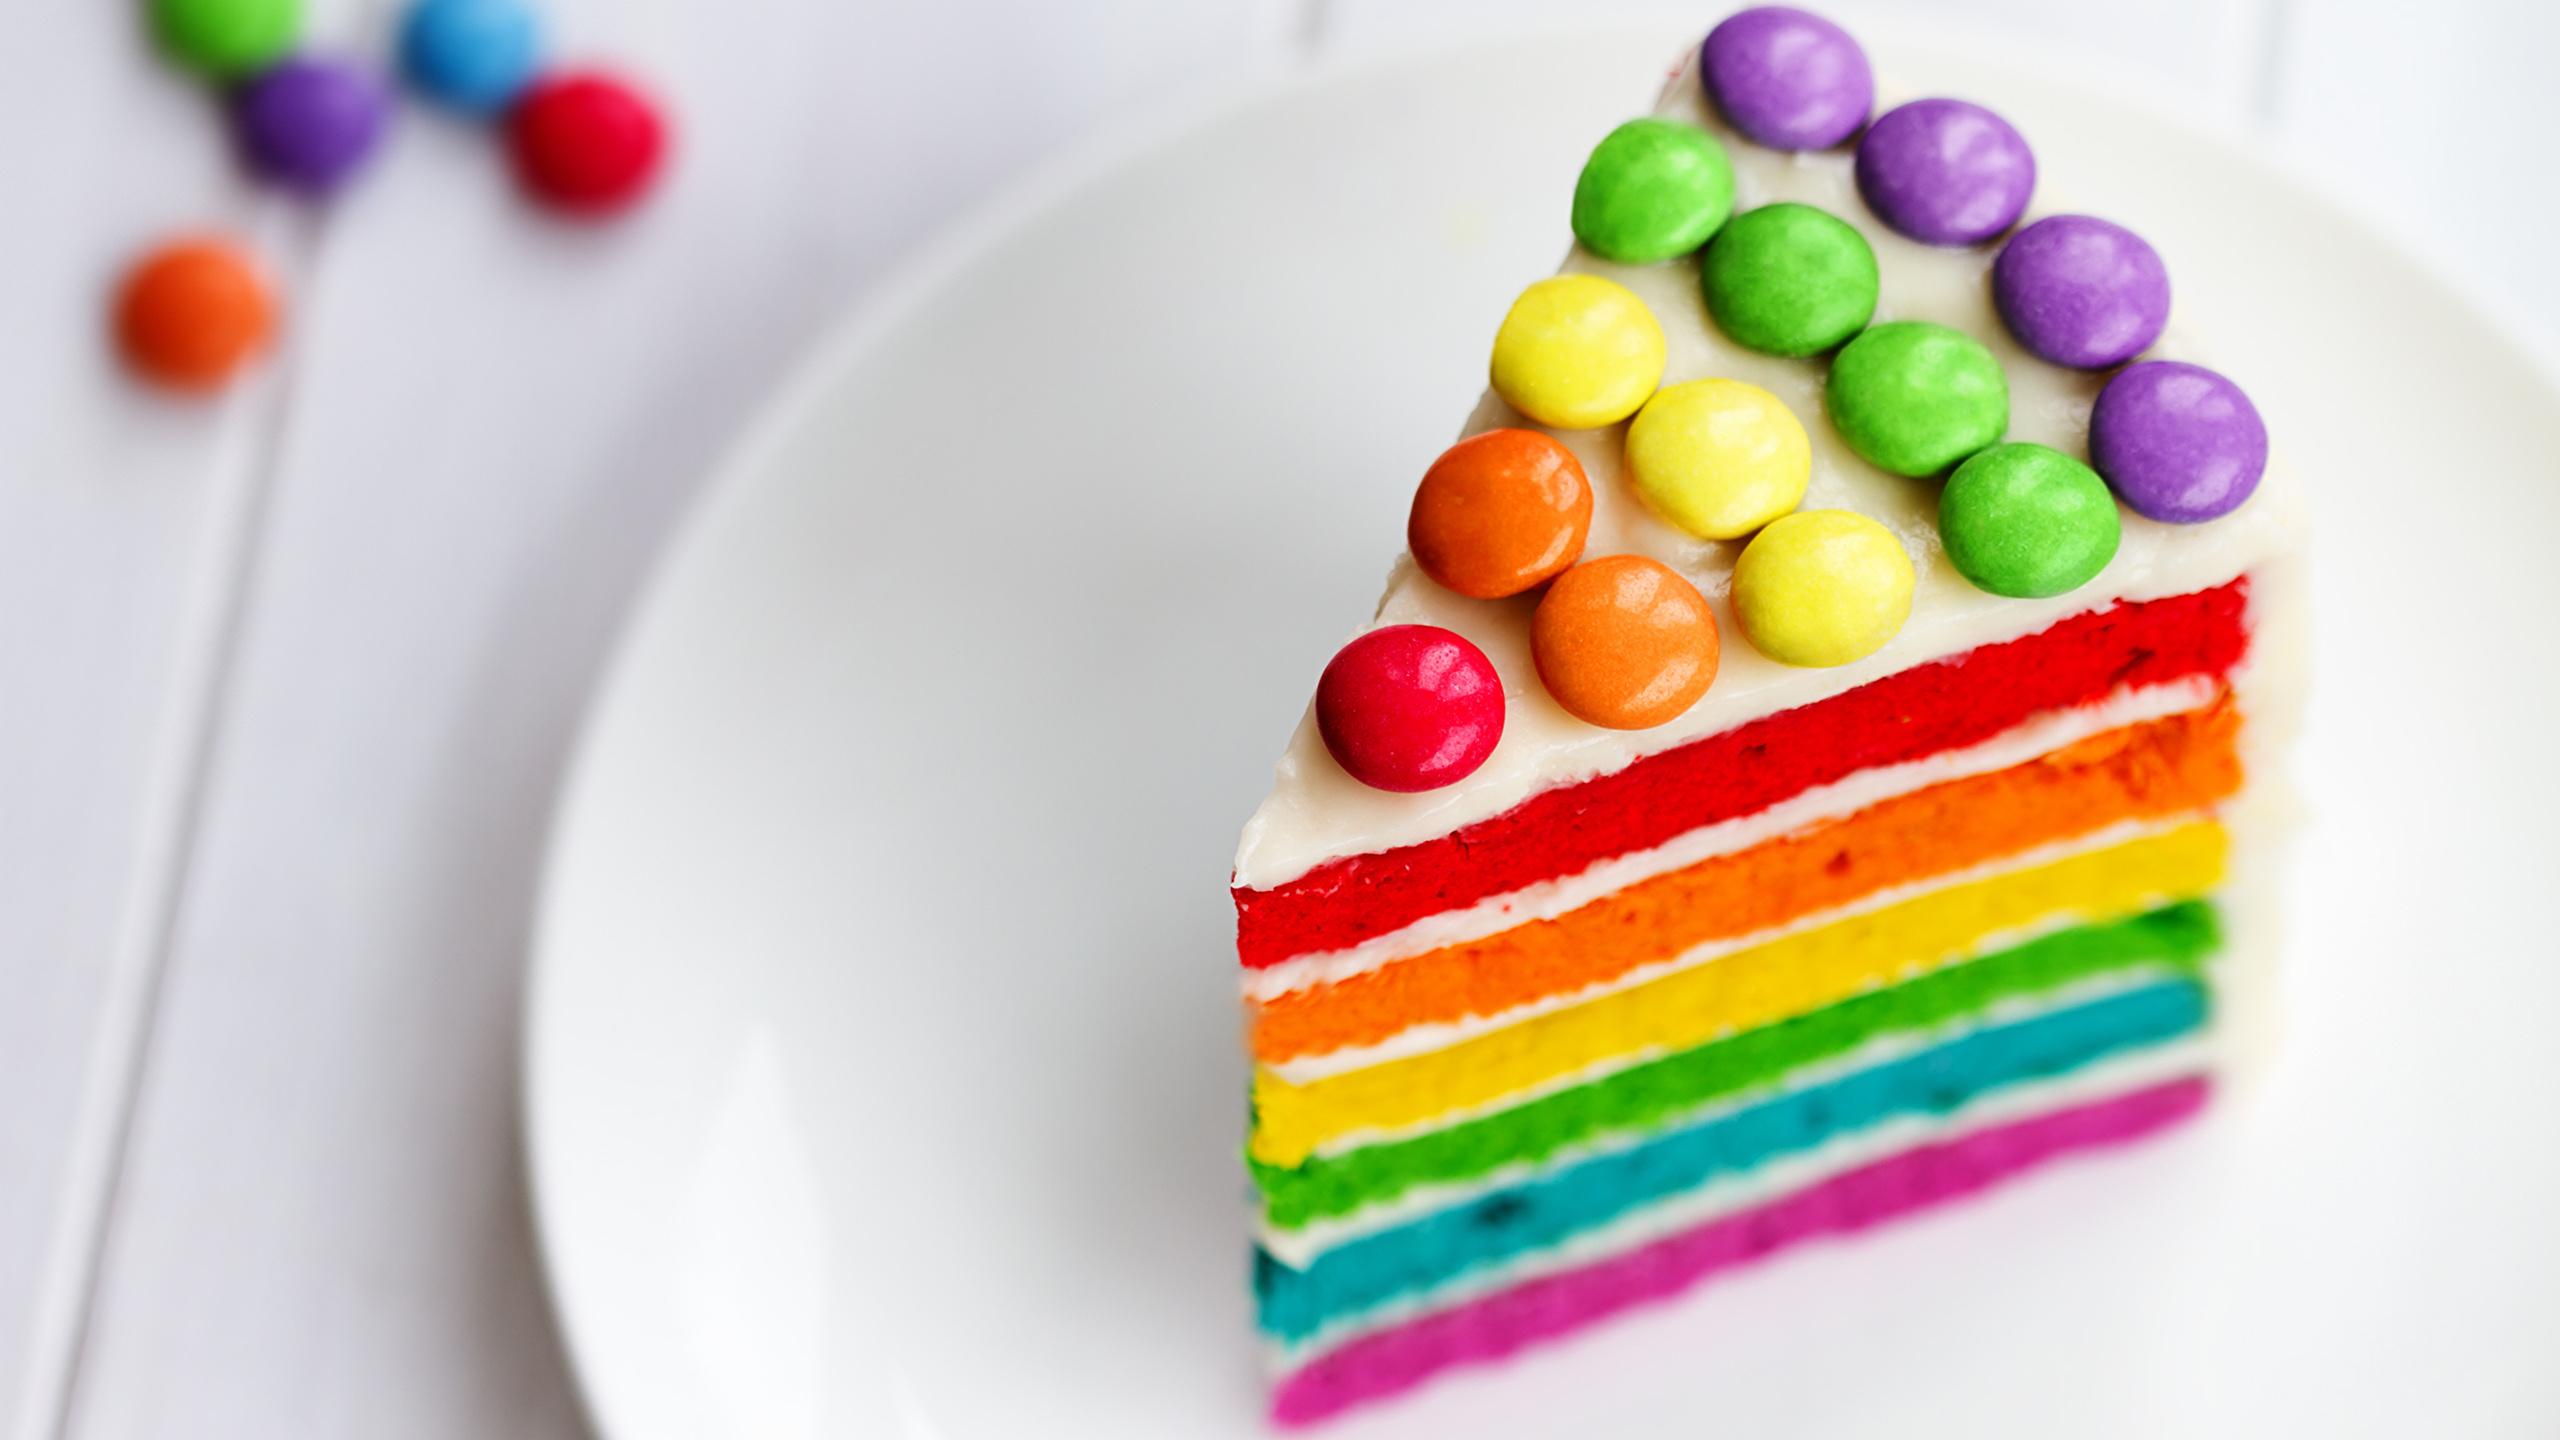 Картинка День рождения Разноцветные Торты часть Продукты питания 2560x1440 Кусок кусочки кусочек Еда Пища